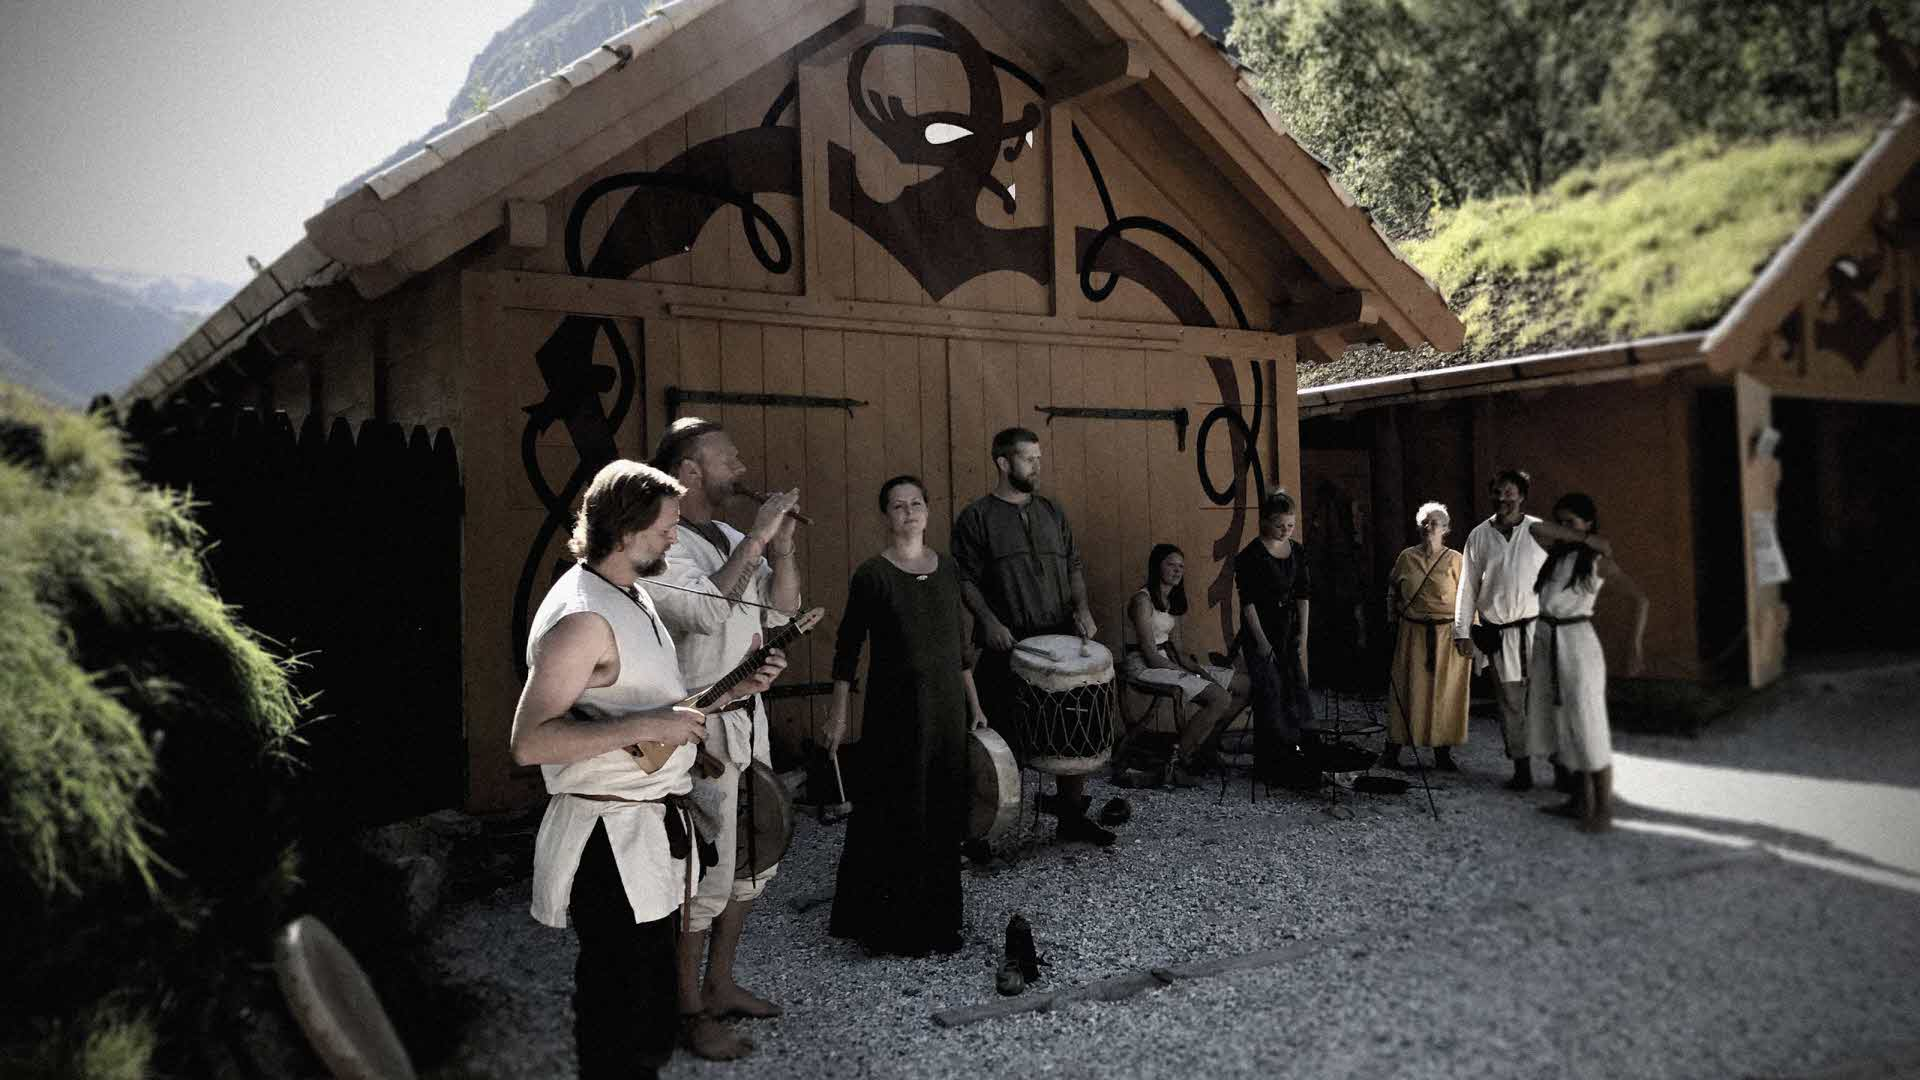 Vikingar i tidsriktige klær spelar og syng ved inngangen til Vikingbyen framfor autentiske bygningar